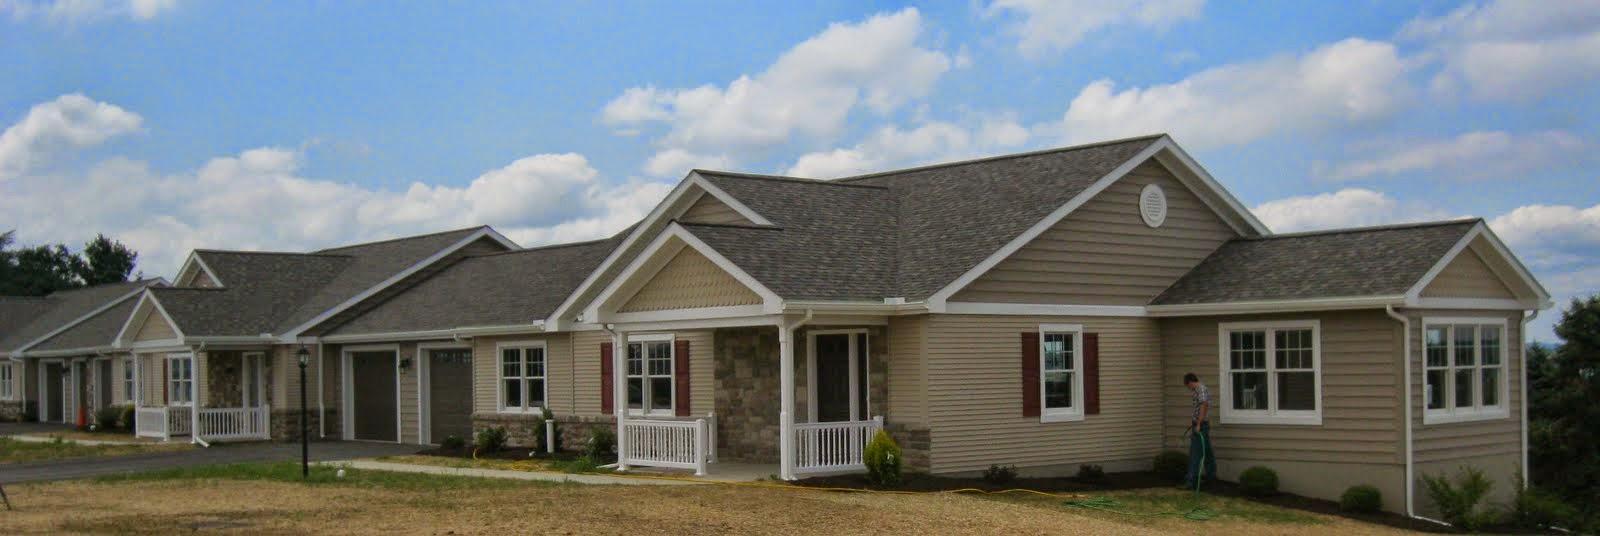 Farm Crest Cottage Triples